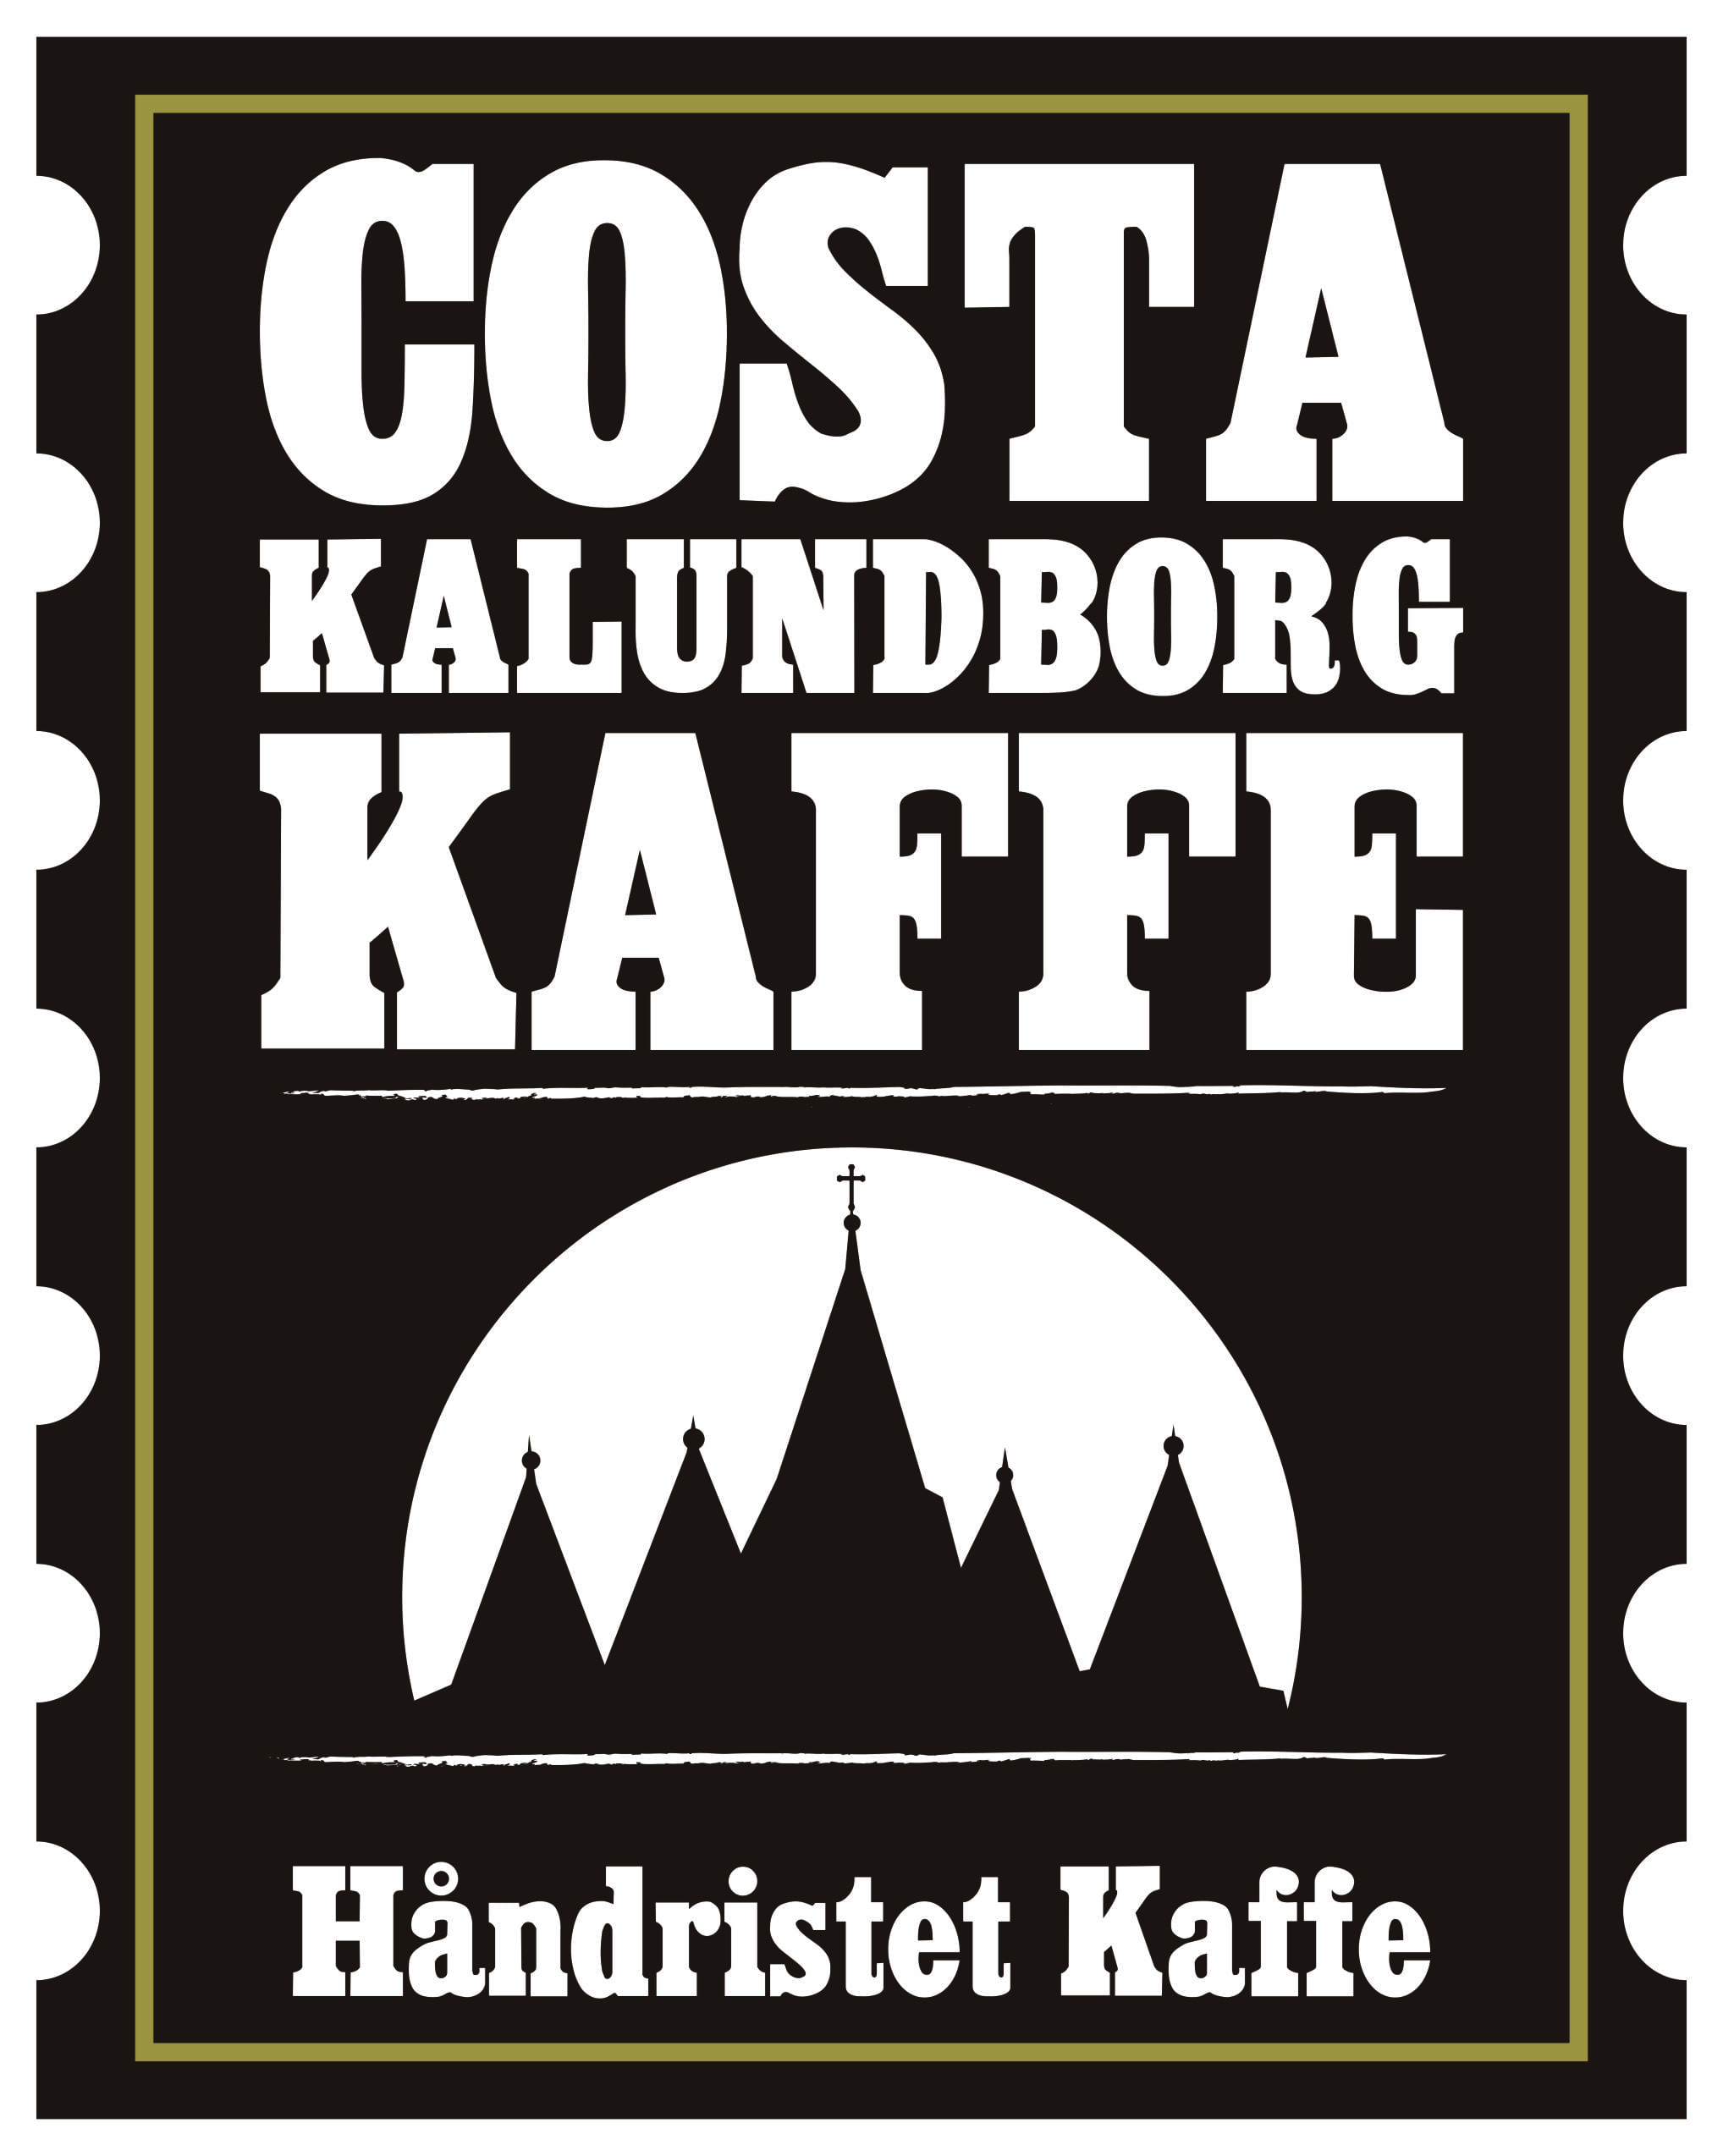 Costa Kalundborg logo